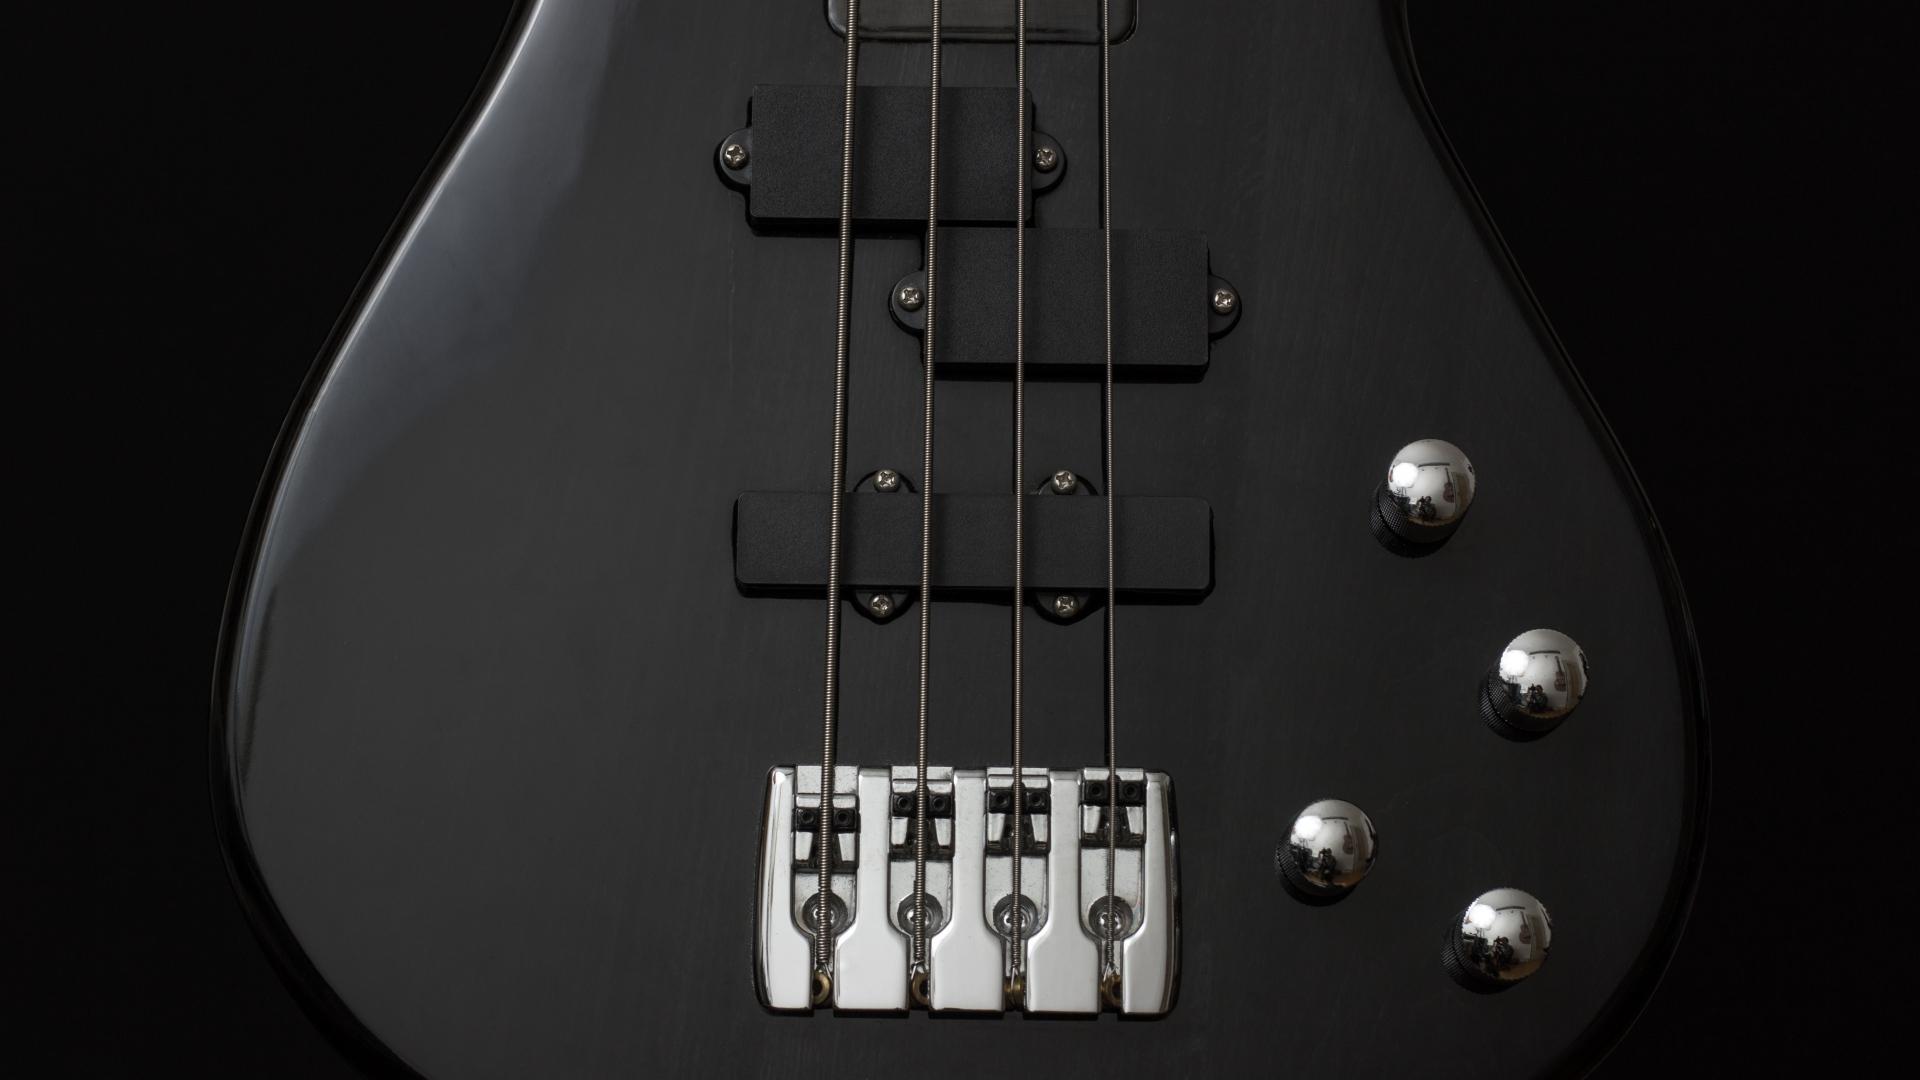 Bass Guitar Wallpaper Download 1920x1080